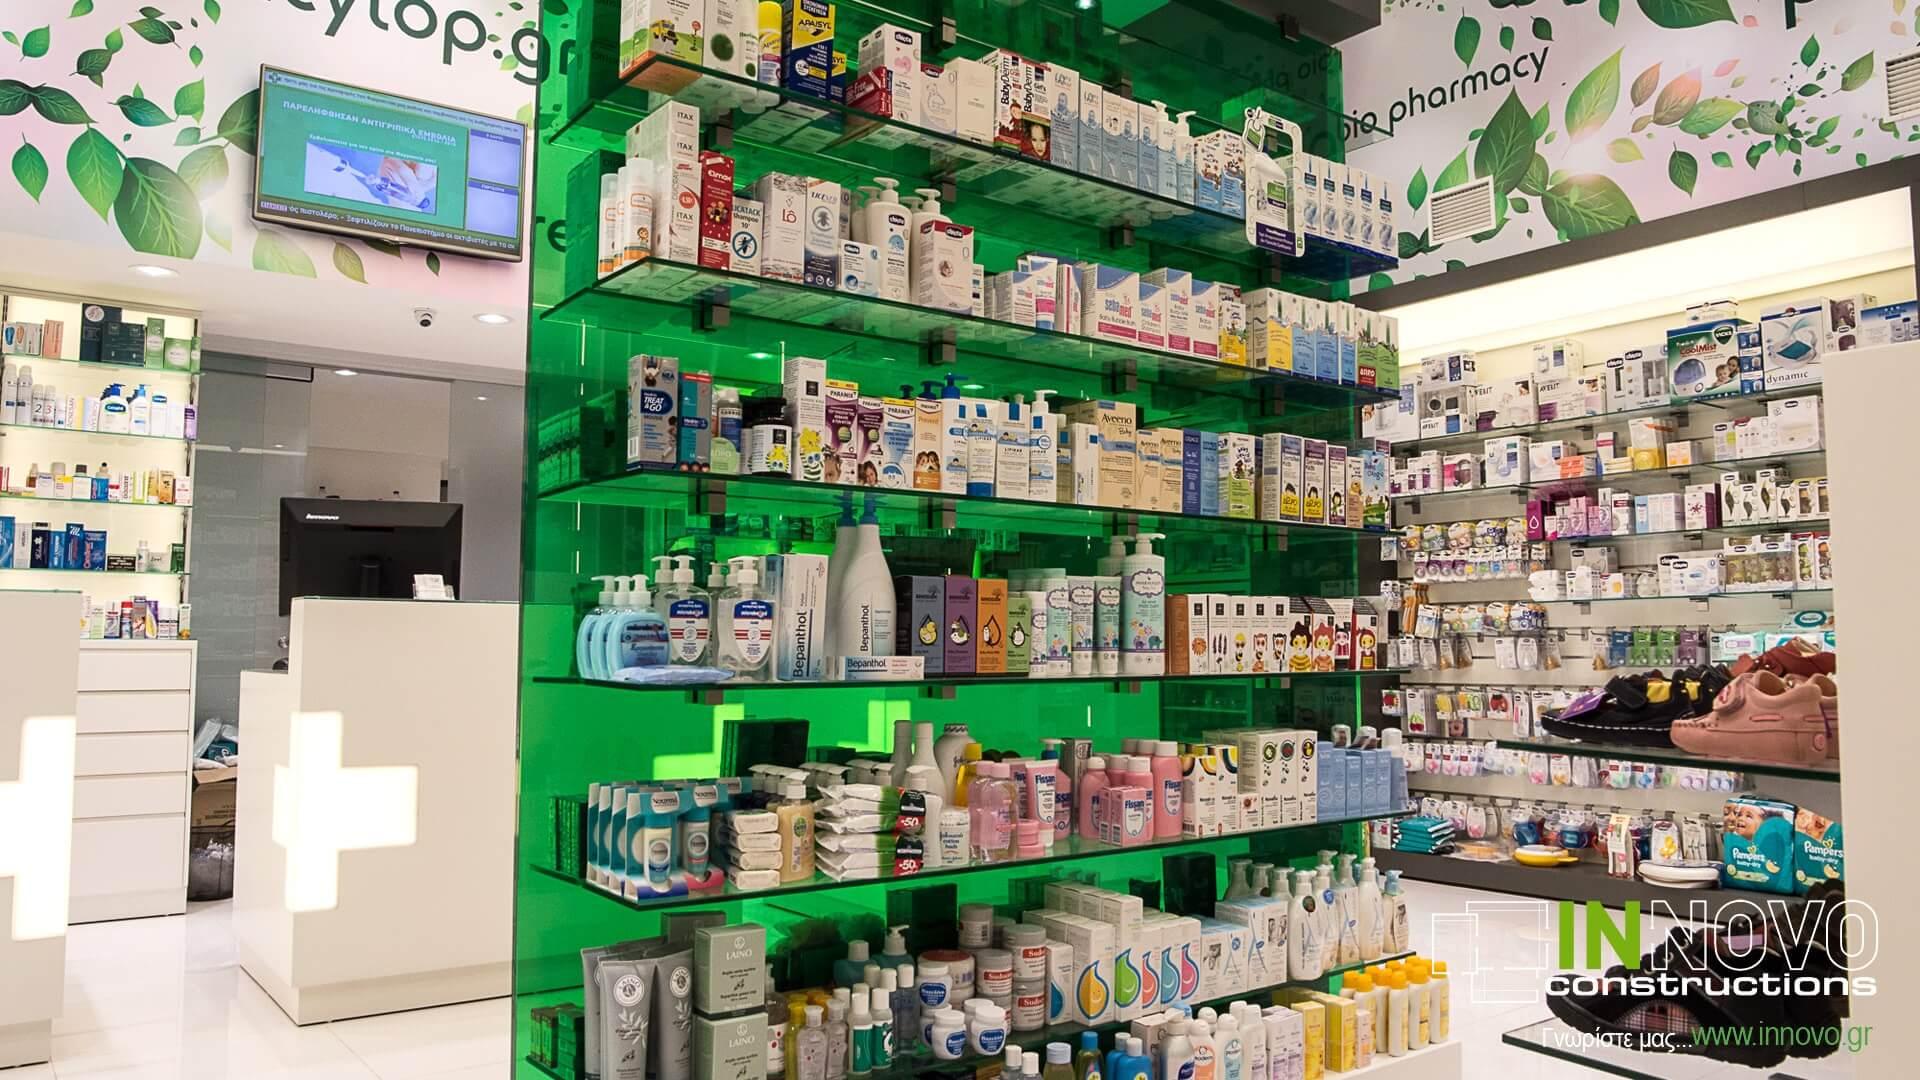 Βάρη φαρμακείο ανακαινισμένο